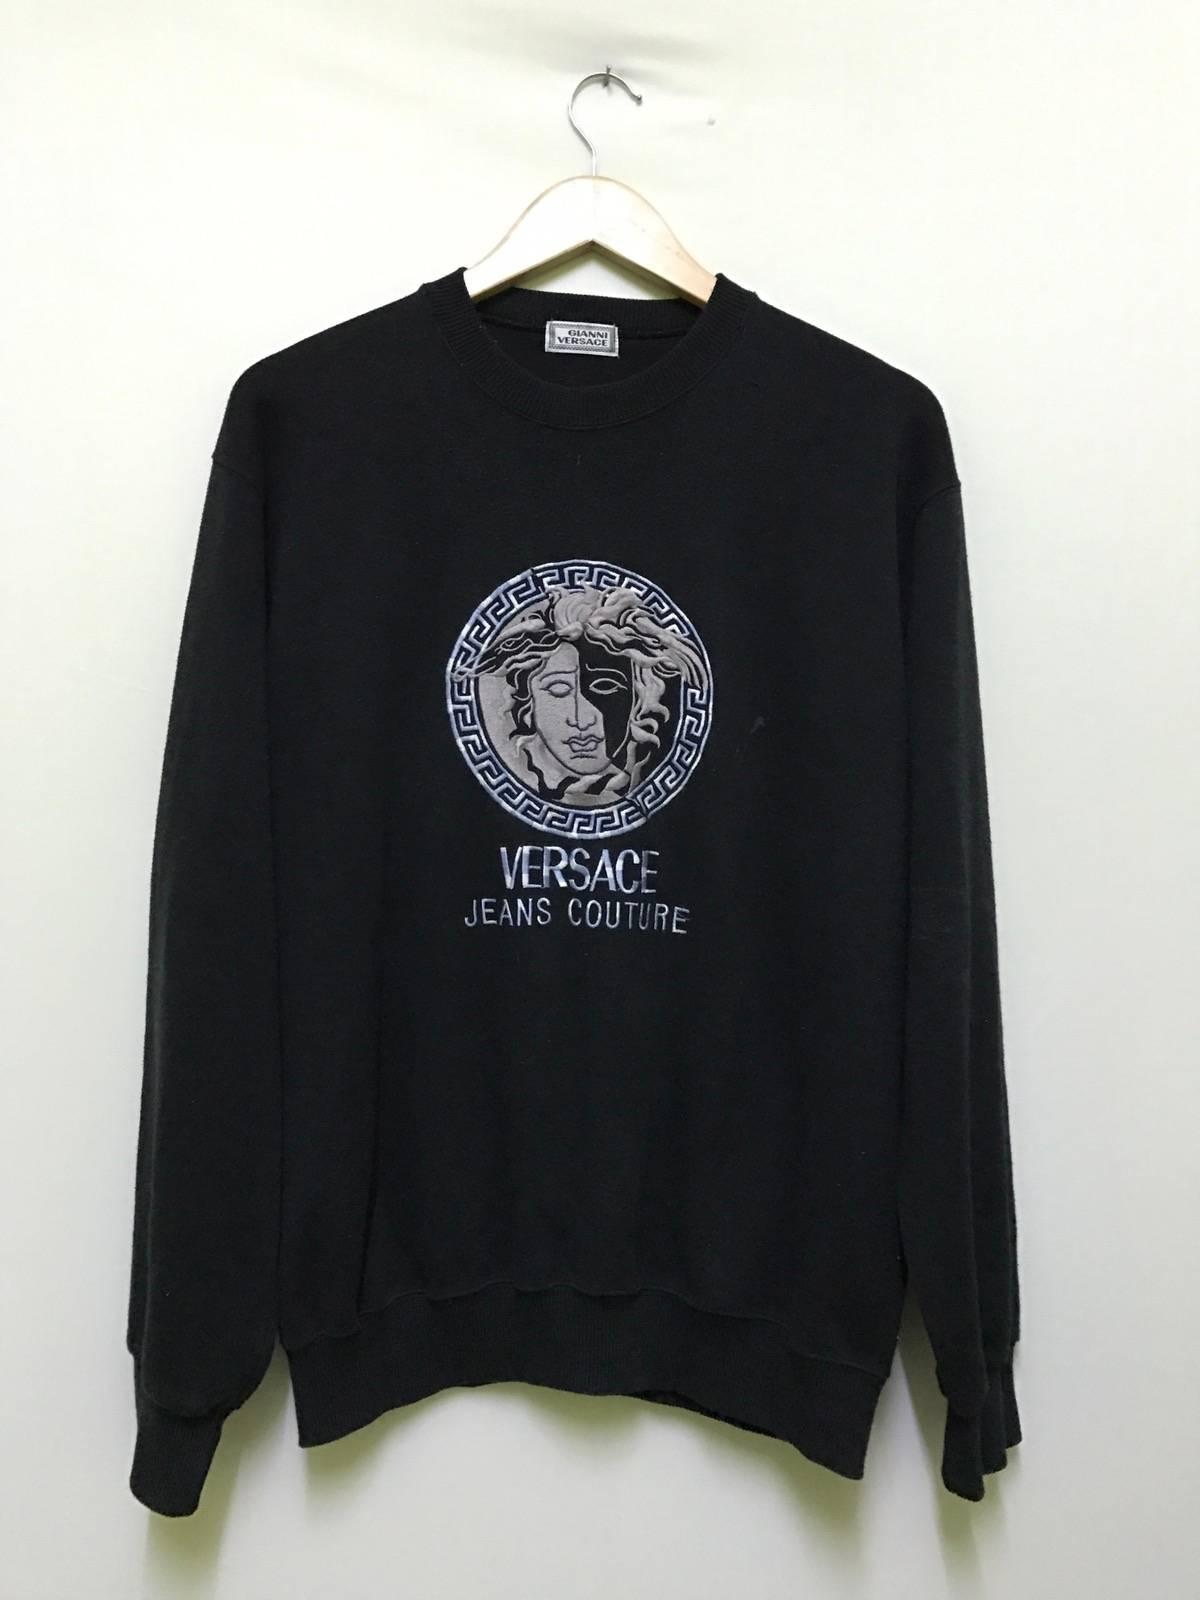 Rare!!! The Famous VERSACE JEANS COUTURE Medusa Embroidery Logo T-Shirt Black Colour Medium Size h8u7D7DYO